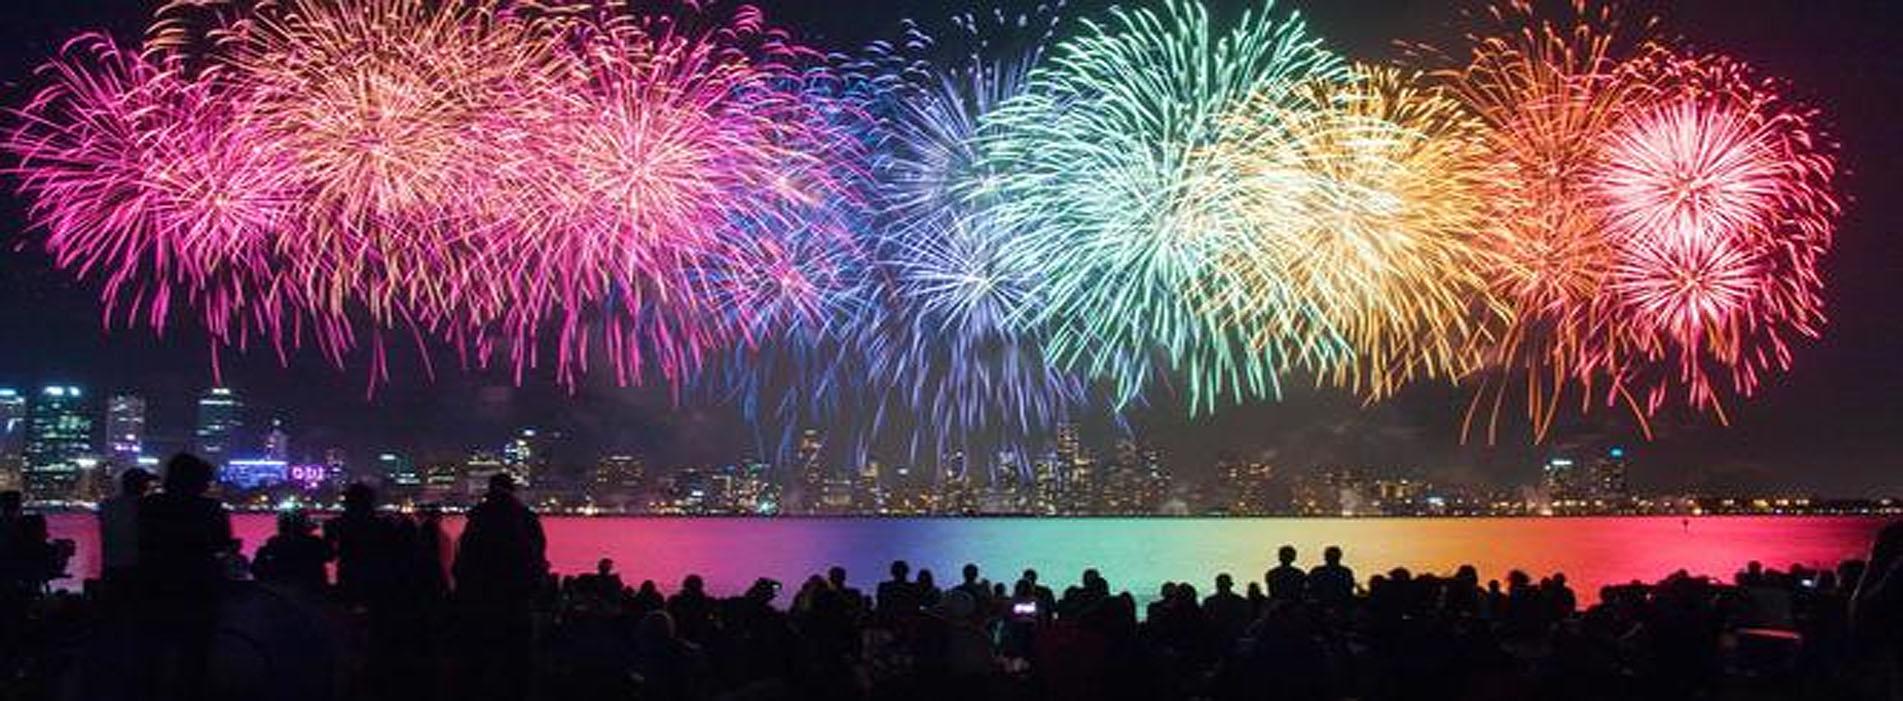 Australia Day skyshow fireworks